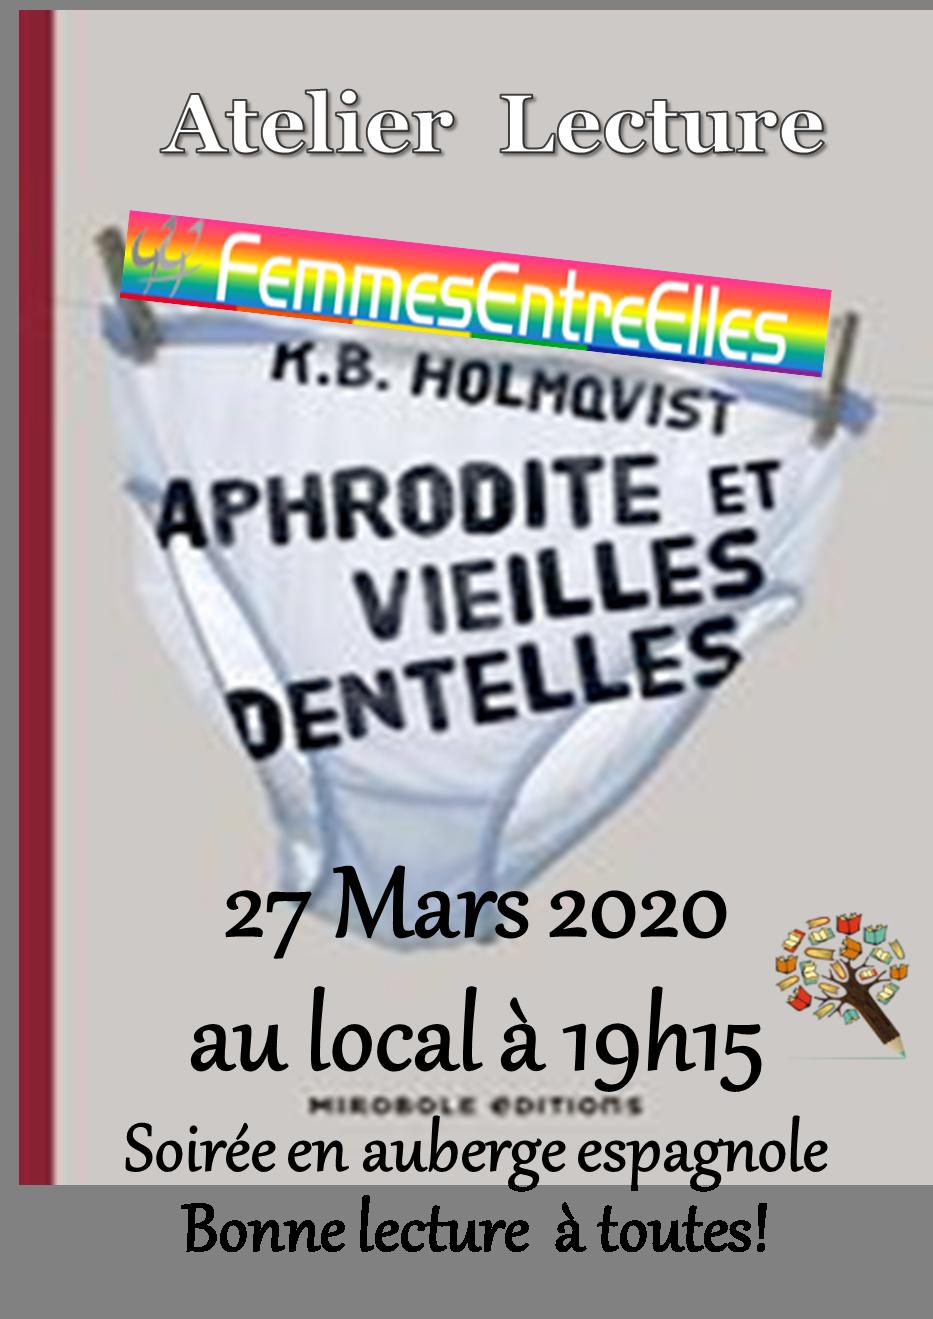 """[FEE] : Atelier lecture le 27 Mars avec """"Aphrodite et vieilles dentelles""""  Karin Brunk Holmqvist"""